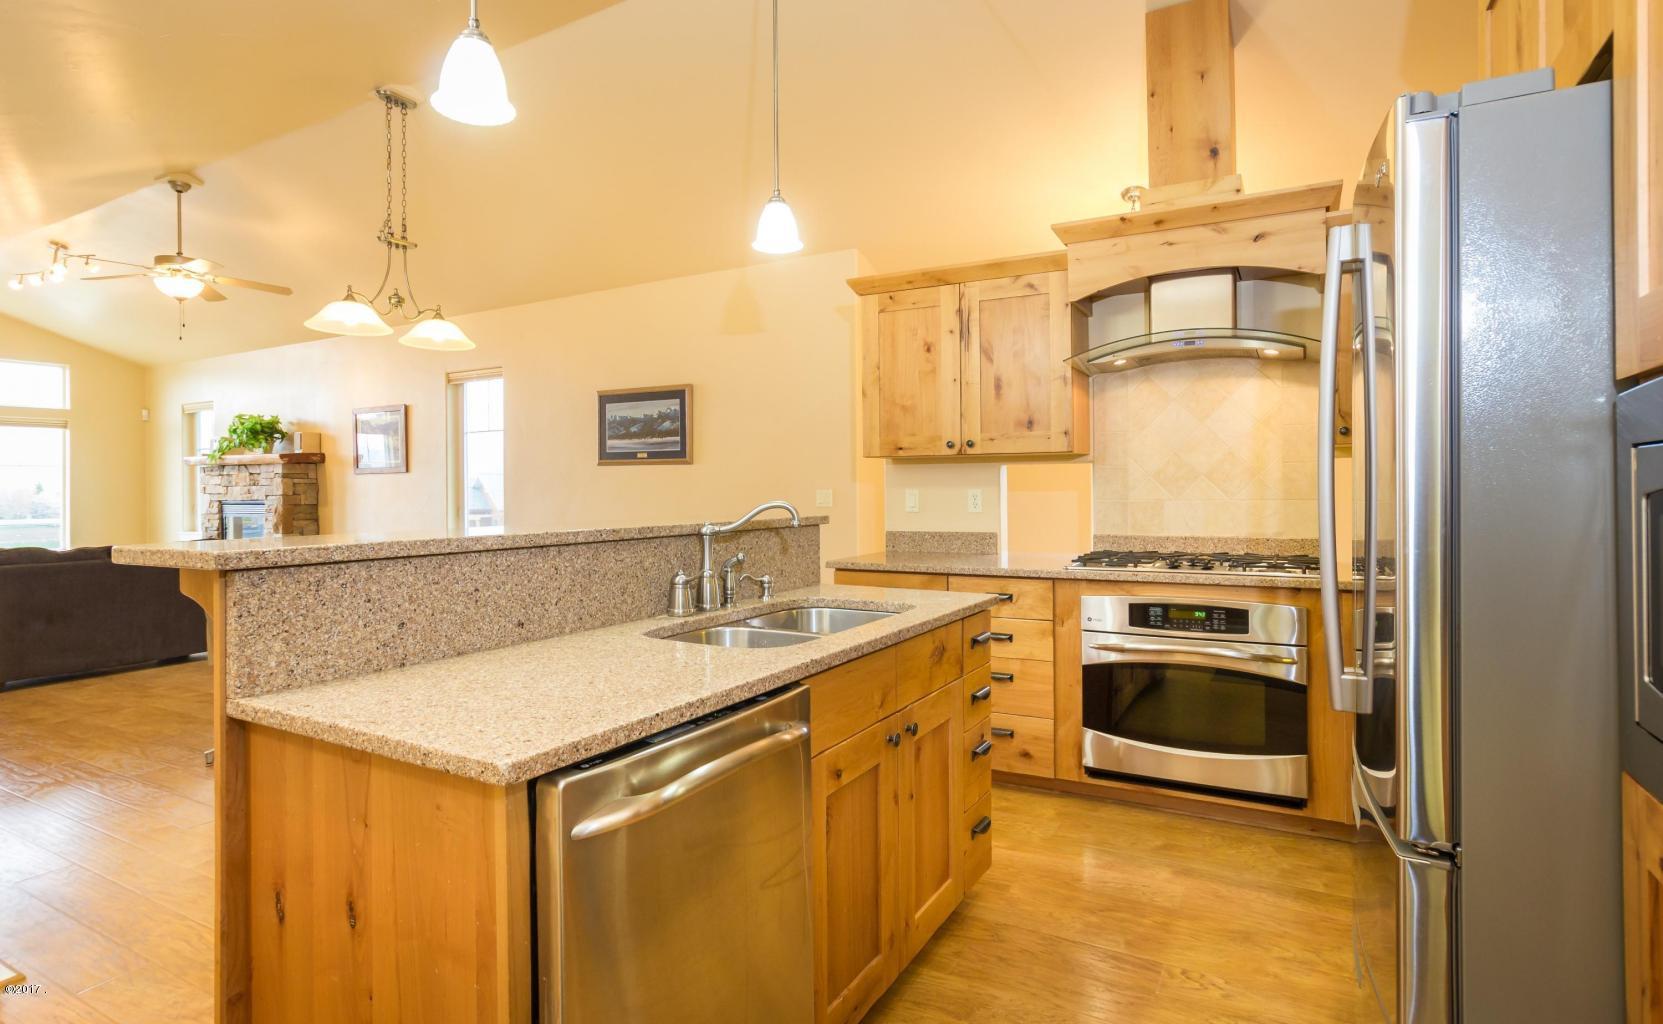 417 kitchen